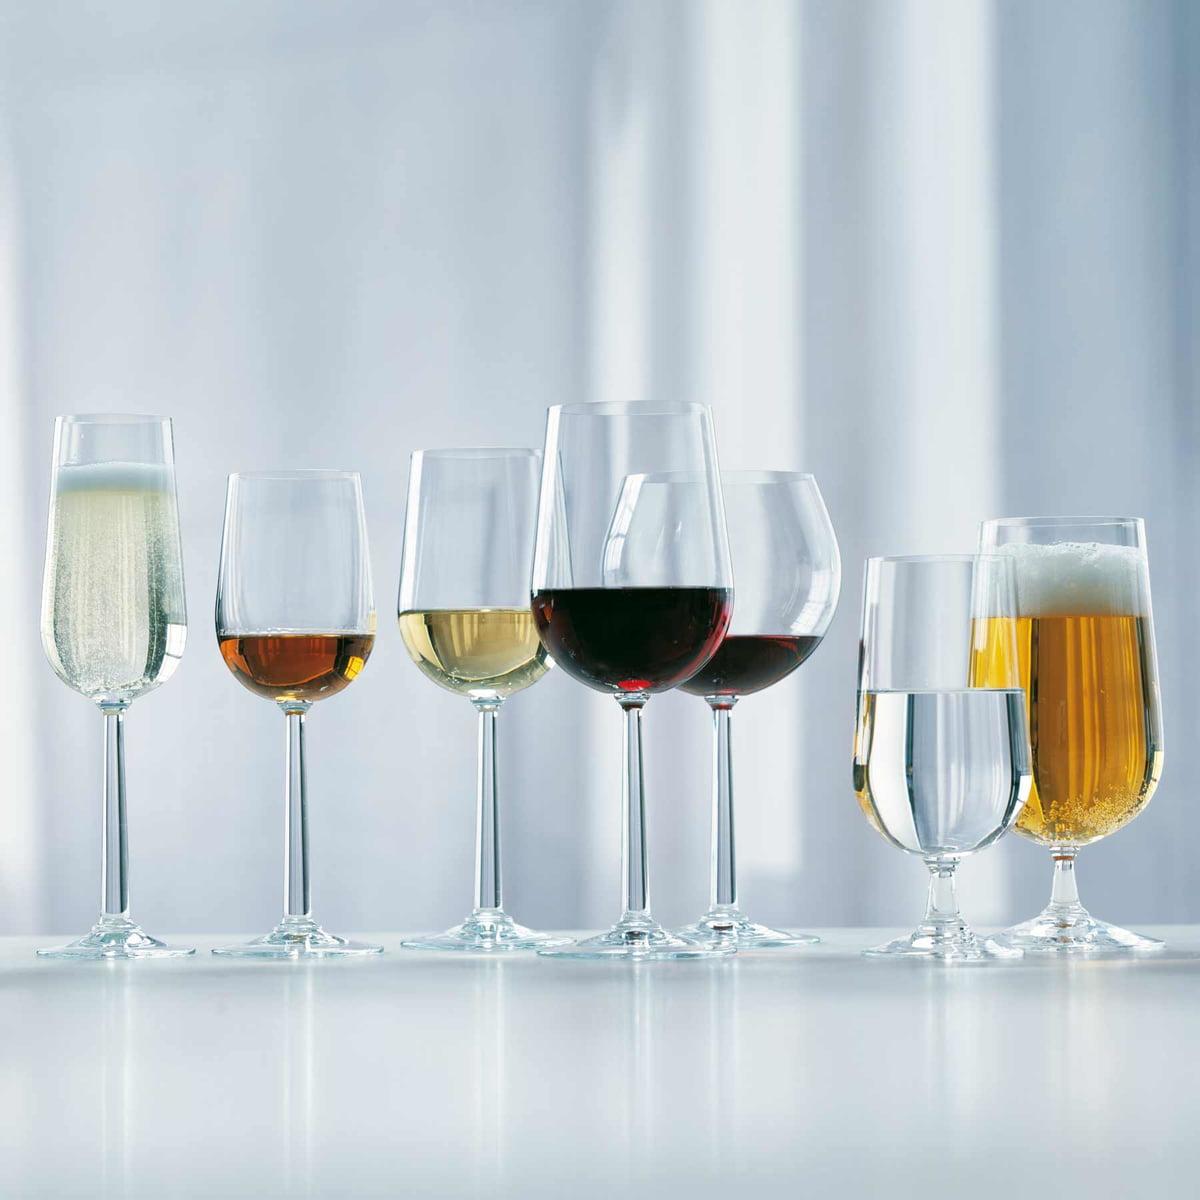 grand cru beer glass by rosendahl. Black Bedroom Furniture Sets. Home Design Ideas